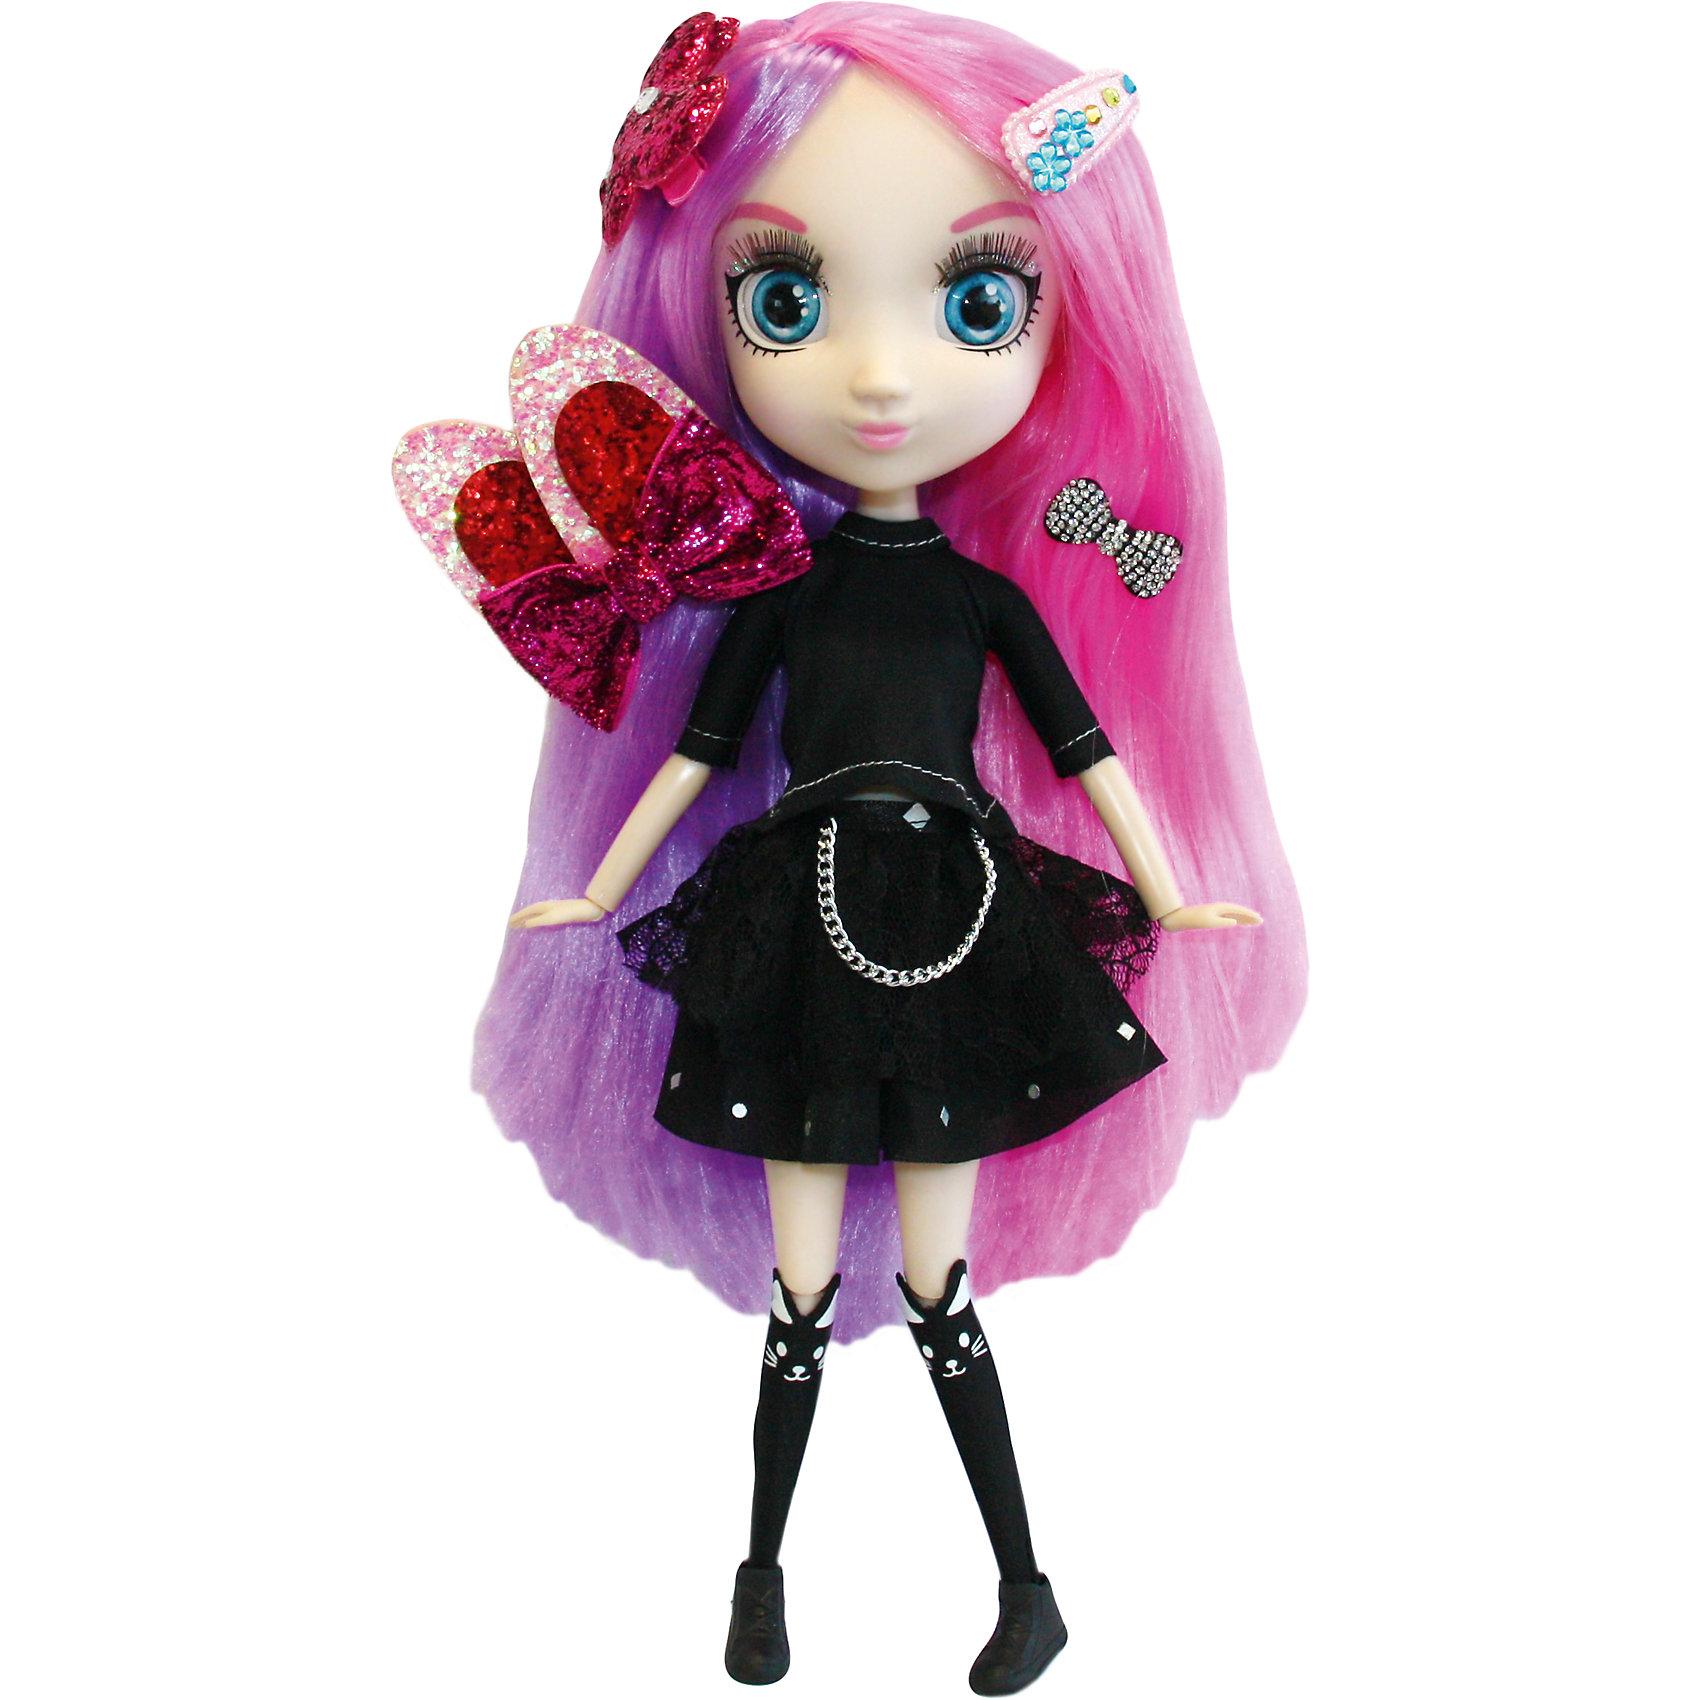 Кукла Йоко, 33см, Шибадзуку ГерлзКукла Йоко, 33см, Шибадзуку Герлз<br><br>Характеристики:<br><br>• модная кукла с реалистичными глазами<br>• длинные ресницы<br>• длинные густые волосы<br>• в комплекте: кукла, заколки, аксессуары<br>• высота куклы: 33 см<br>• материал: пластик, текстиль<br>• размер упаковки: 20,6х38,1х10,2 см<br>• вес: 600 грамм<br><br>Шибадзуку Герлз - куклы, поражающие своей красотой и реалистичностью. У них широкие глаза с пышными ресницами и длинные густые волосы. Руки и ноги кукол подвижны. Йоко очень увлекается мистикой, рок-музыкой и игрой на электро гитаре. Наряд Йоки вполне соответствует ее увлечениям: кукла одета в черное платье с цепью, черные гольфы и черные ботиночки. Яркие розово-лиловые волосы куклы украшены различными заколочками. Вы сможете придумать для Йоко необычную прическу, которая еще больше подчеркнет оригинальность ее образа. <br><br>Куклу Йоко, 33см, Шибадзуку Герлз вы можете купить в нашем интернет-магазине.<br><br>Ширина мм: 102<br>Глубина мм: 381<br>Высота мм: 206<br>Вес г: 600<br>Возраст от месяцев: 36<br>Возраст до месяцев: 2147483647<br>Пол: Женский<br>Возраст: Детский<br>SKU: 5397314